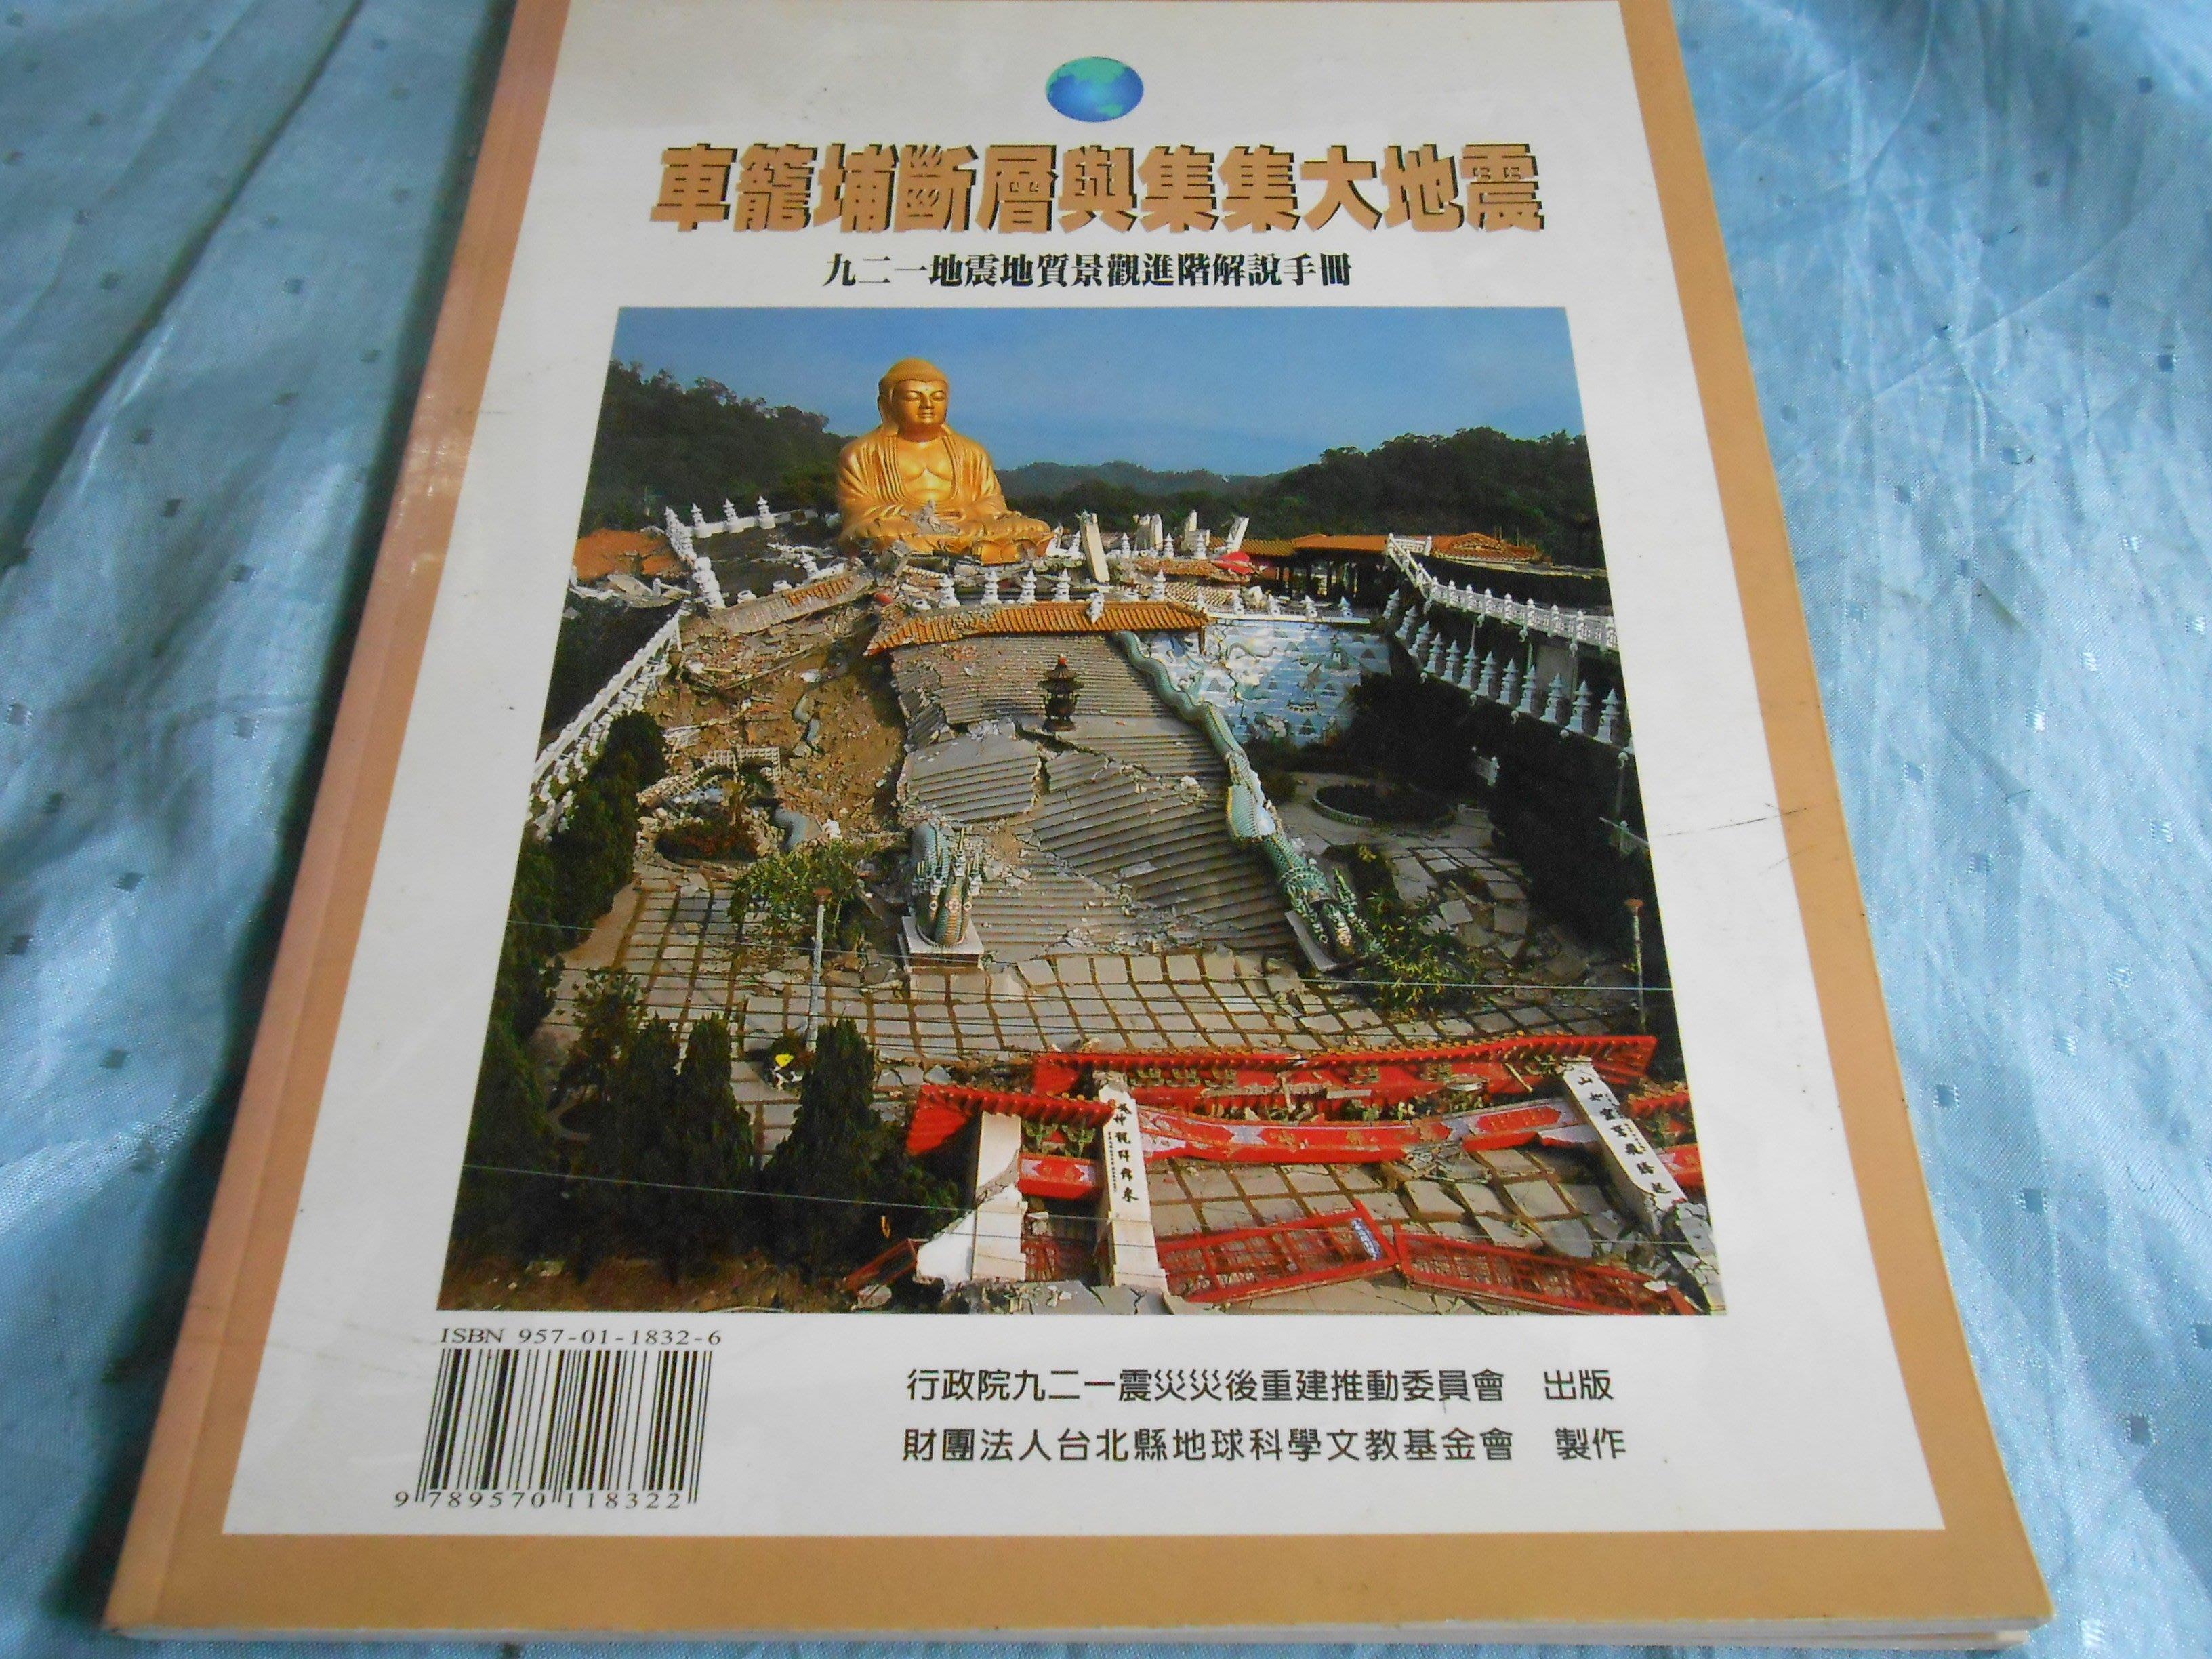 【宜蓁書坊】-人文地理-* 車籠埔斷層與集集大地震  九二一地震地質景觀進階解說手冊 *  著共1本(下標即結標) A3